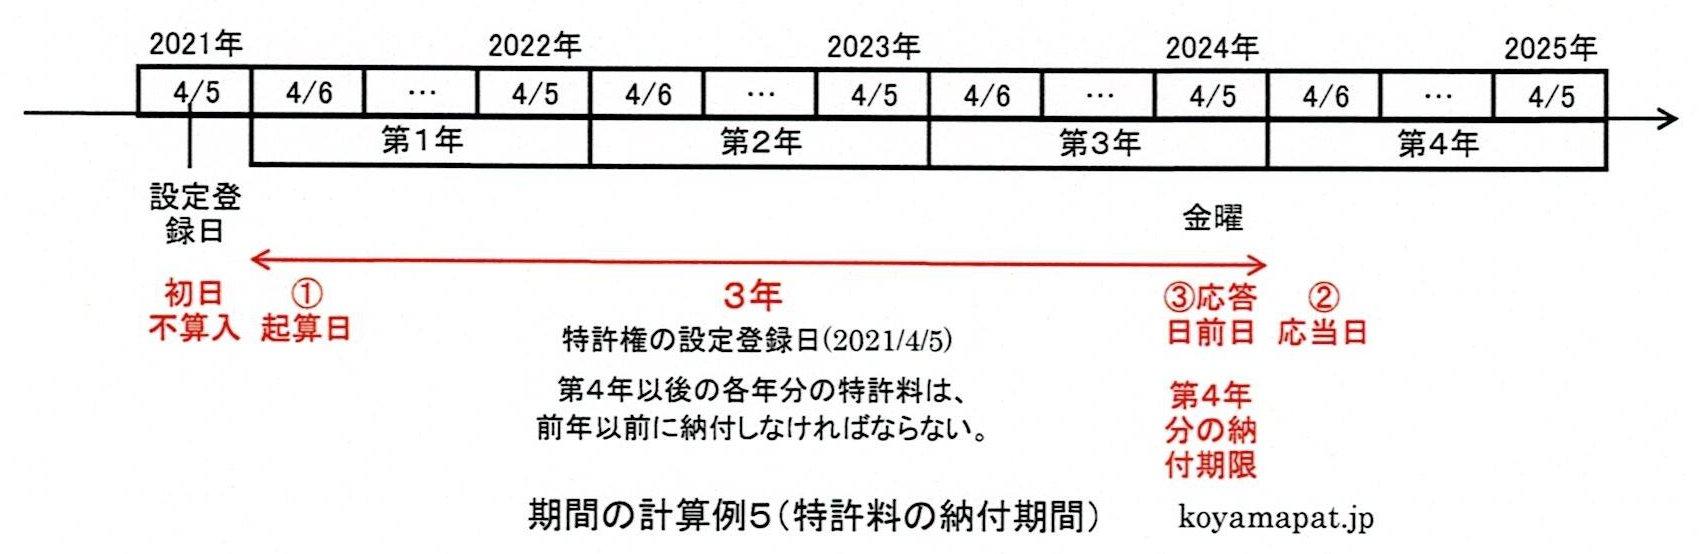 期間の計算例5(特許料の納付期間):第4年以後の各年分の特許料は、前年以前に納付しなければならない(第4年目の特許料納付期限)